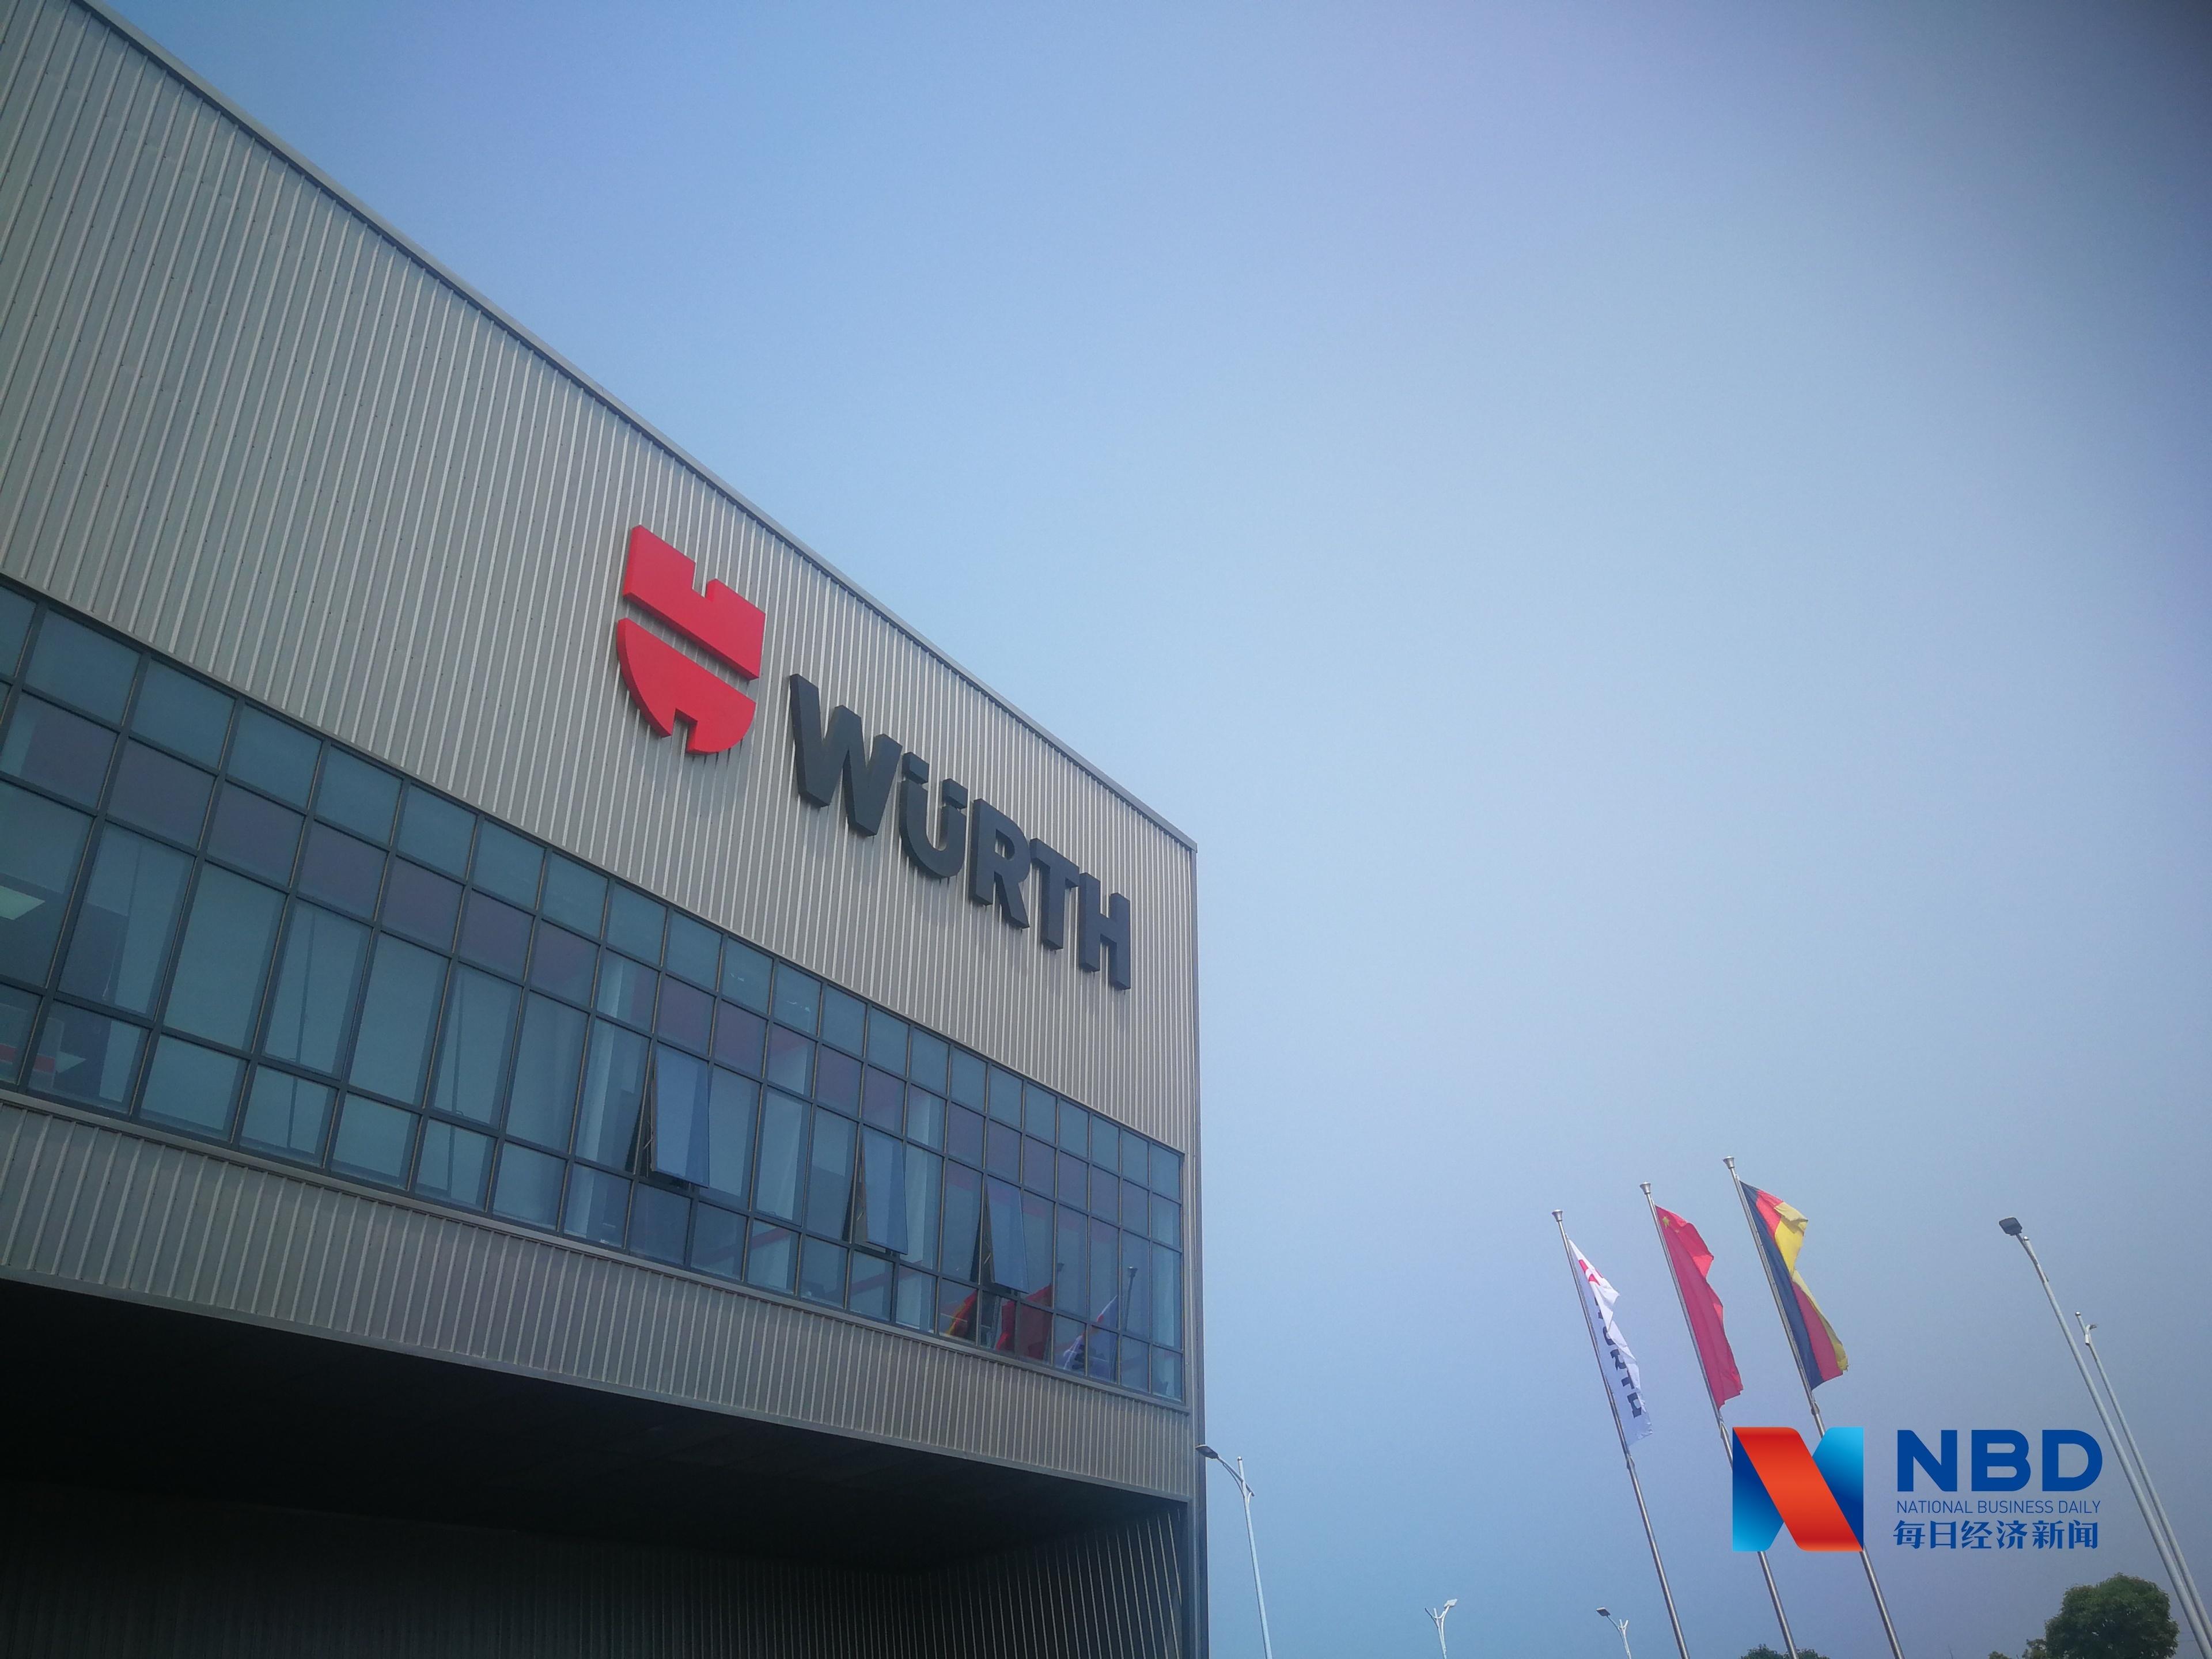 德企伍爾特中國CEO談在華25年:感受到巨大的市場  也遇到聰明的競爭者 伍爾特